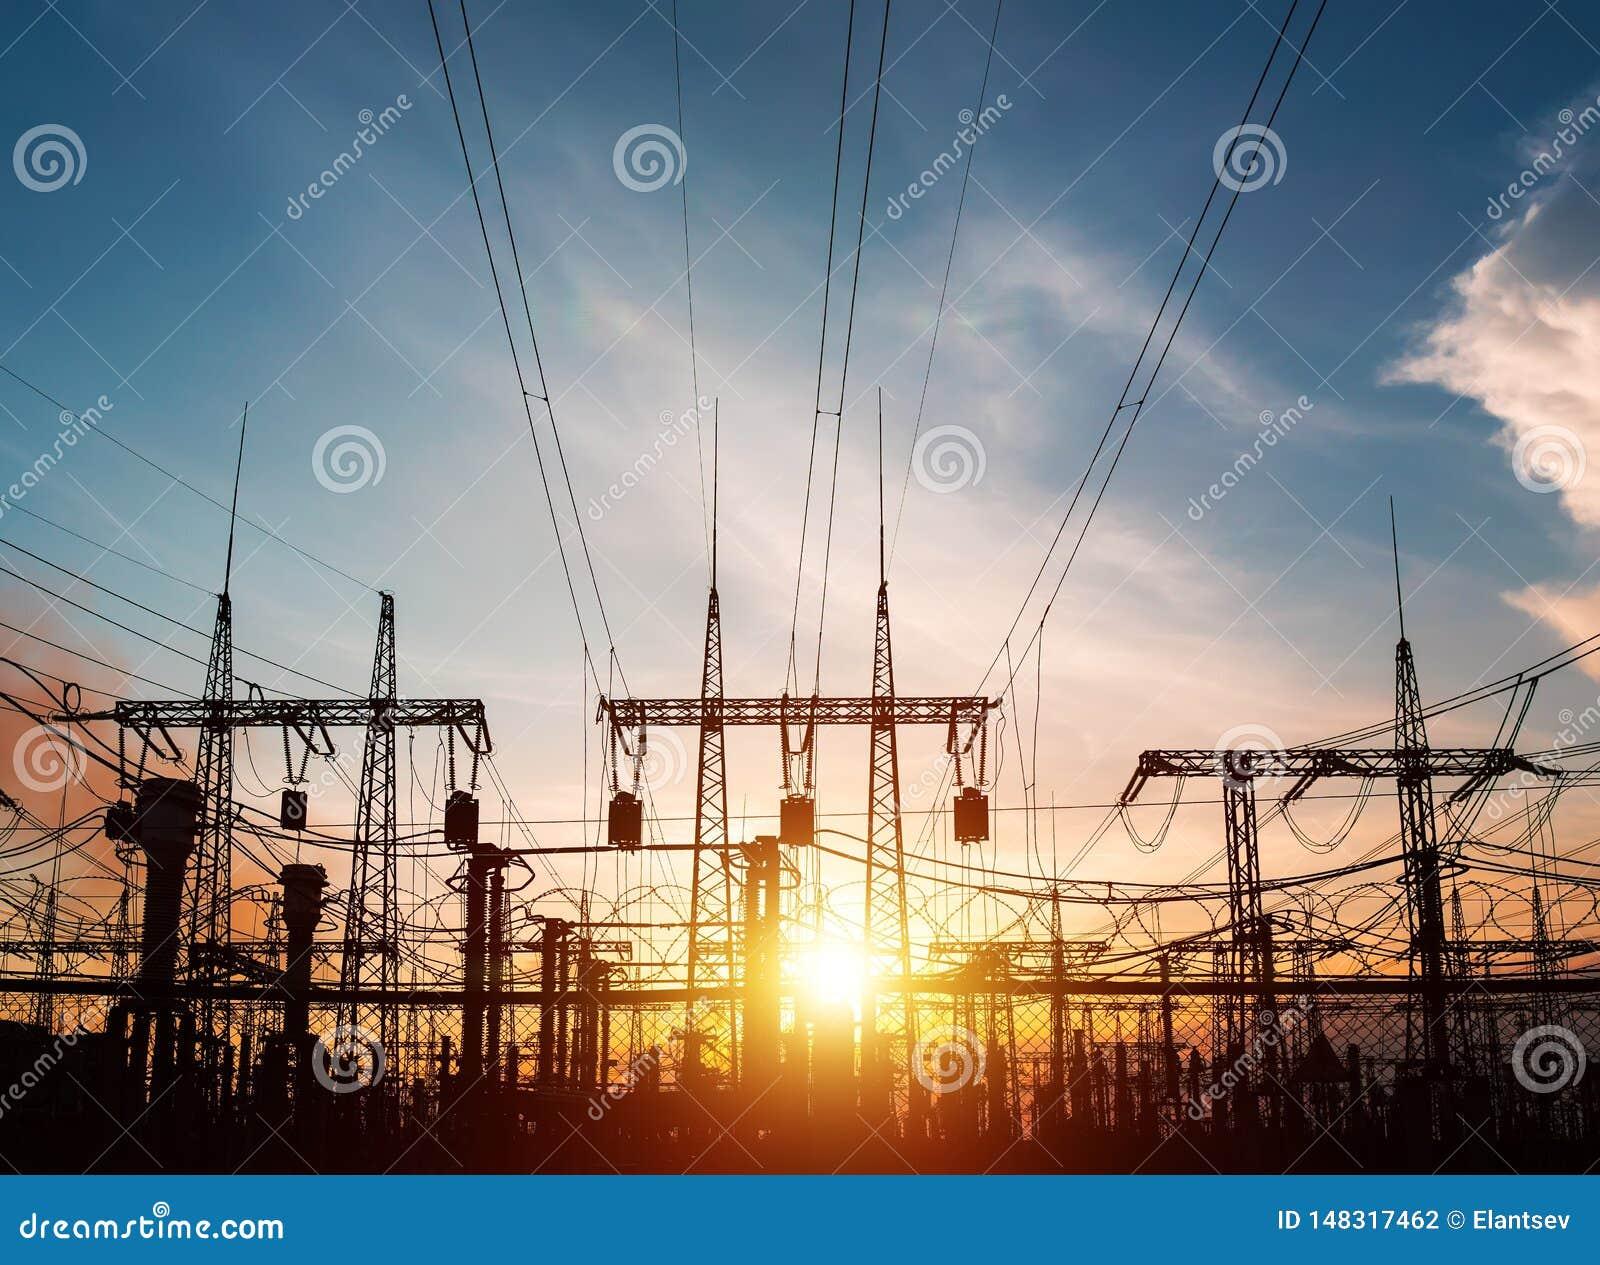 Hochspannungsleitungen Stromverteilungsstation Elektrischer HochspannungsFreileitungsmast Verteilung elektrisches substa